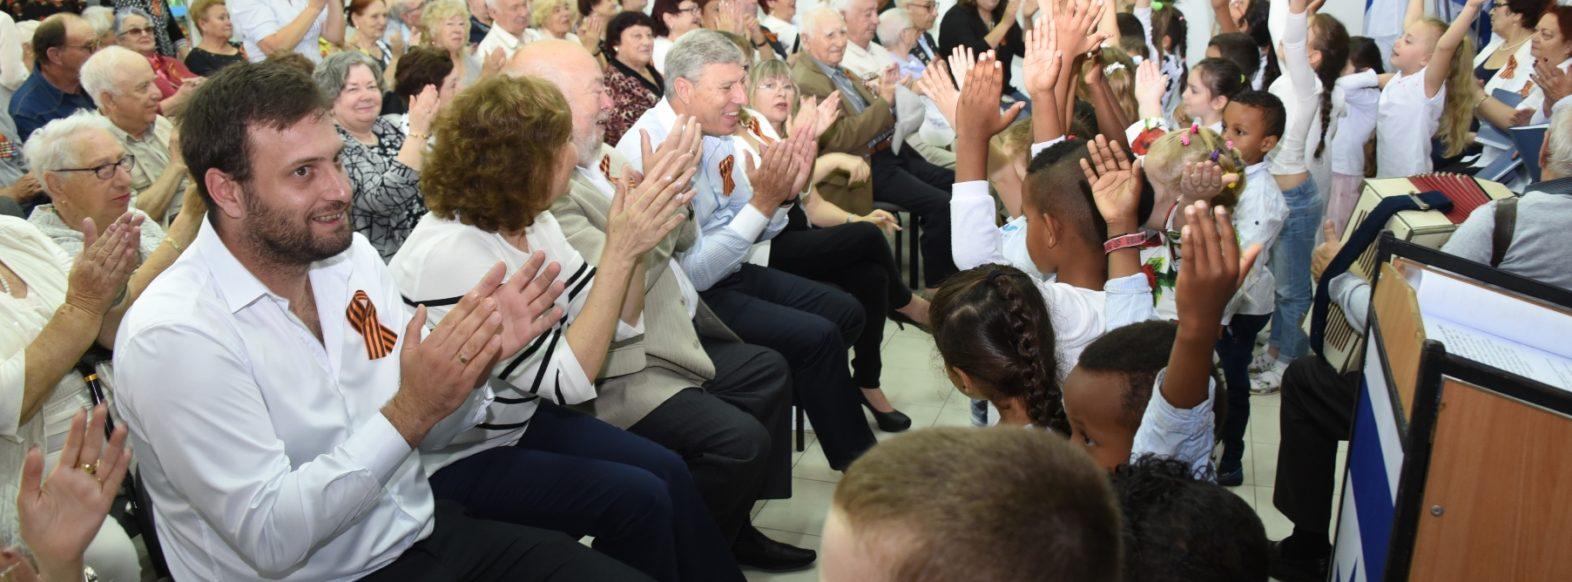 ק. אתא-טקס לציון 72 שנים לניצחון על גרמניה הנאצית